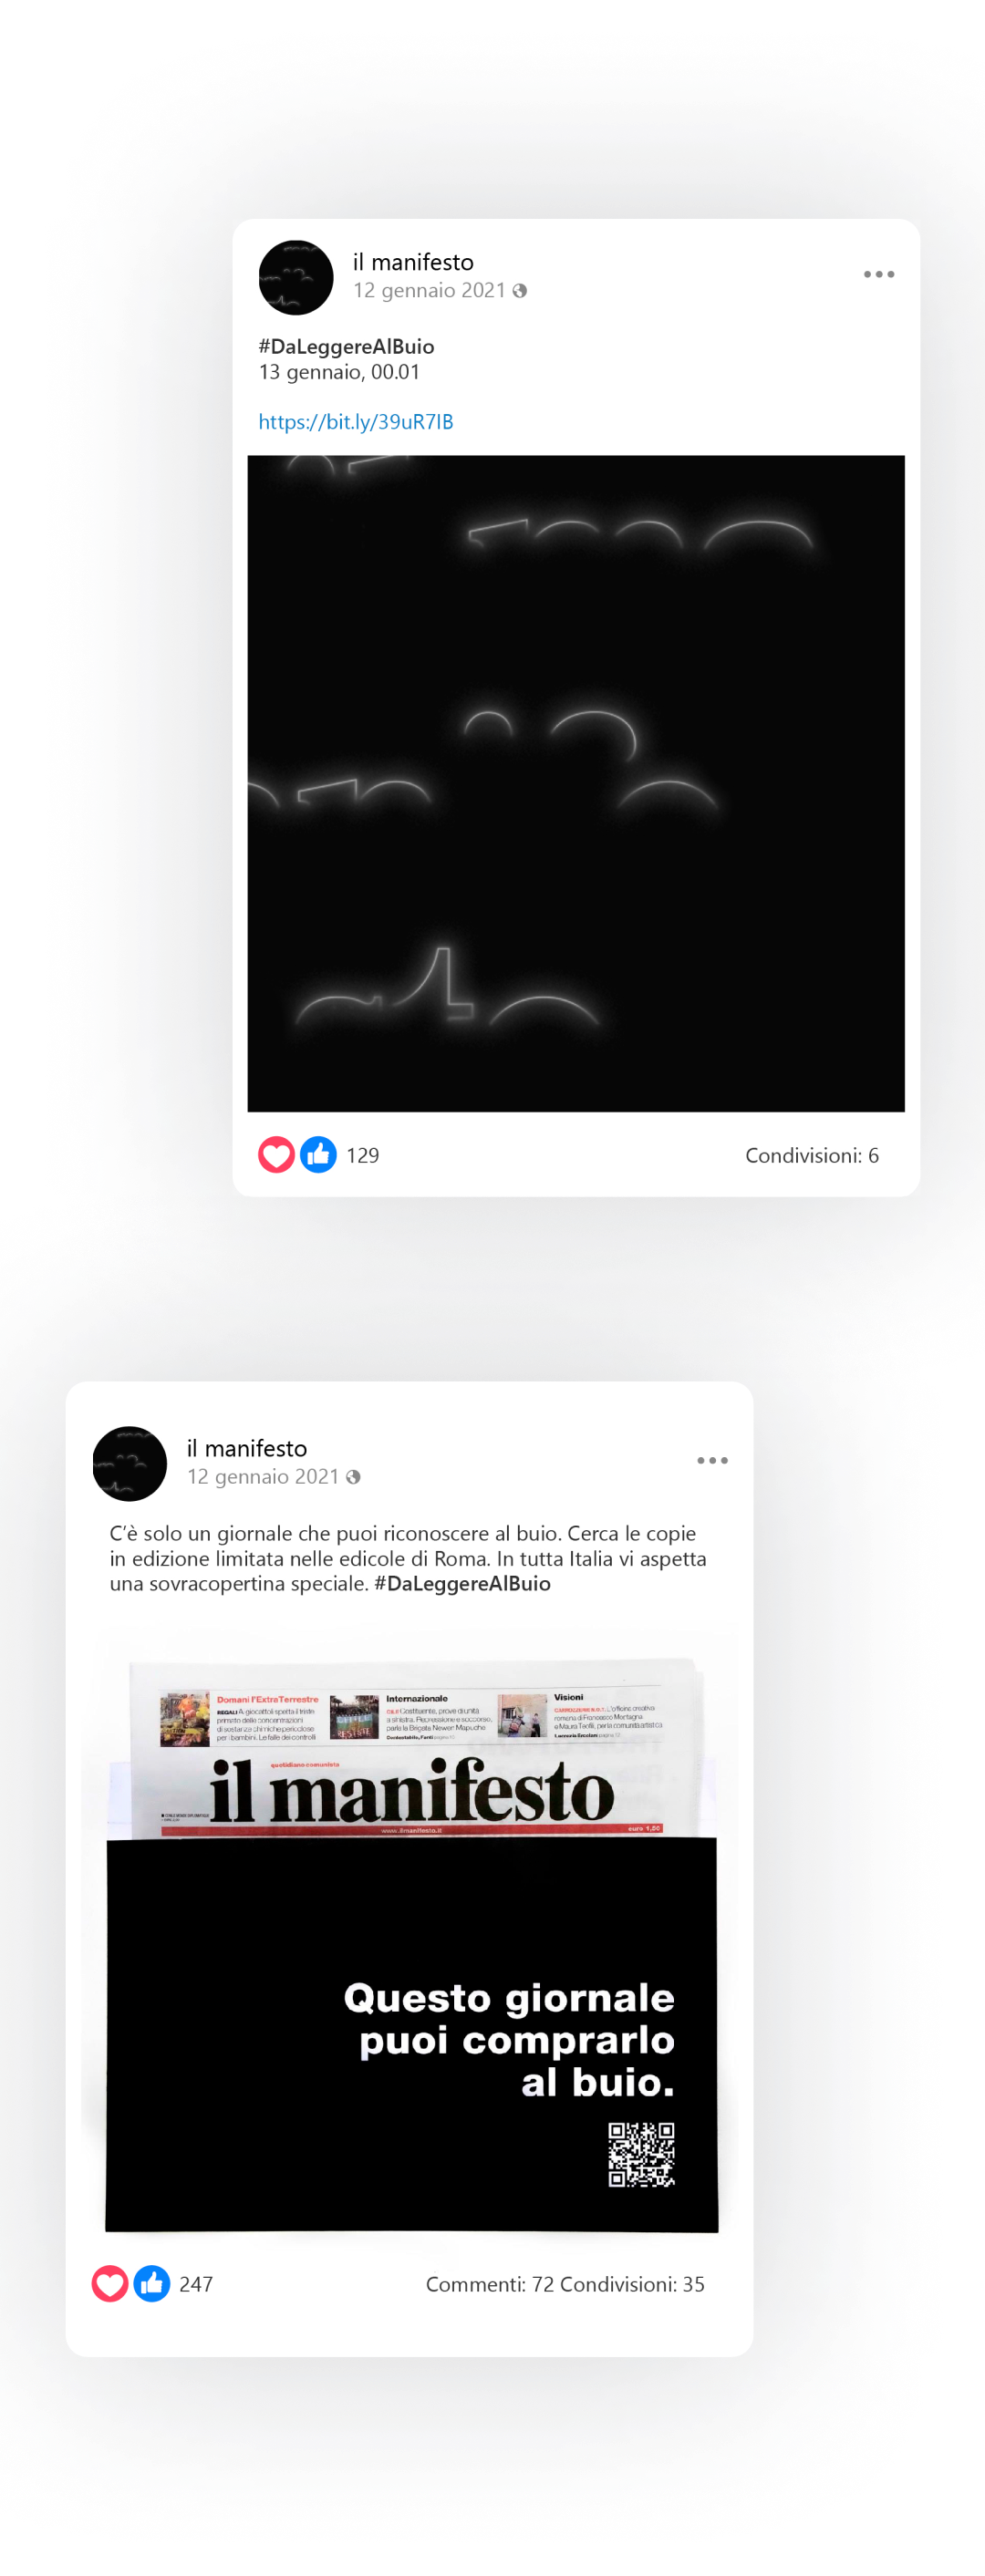 Lancio_mobile_ilmanifesto